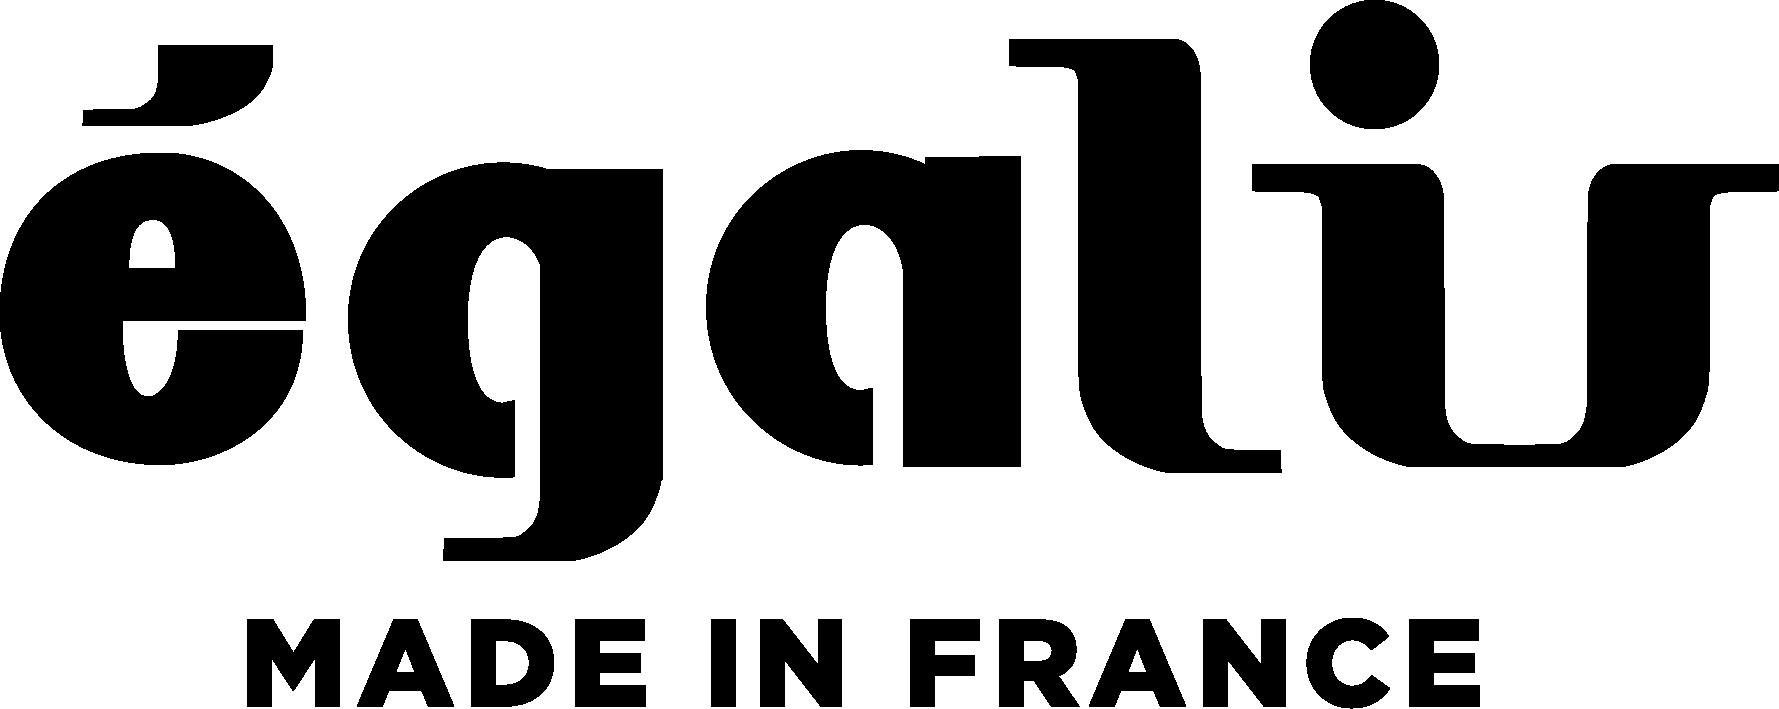 Egalis_logo_black.png